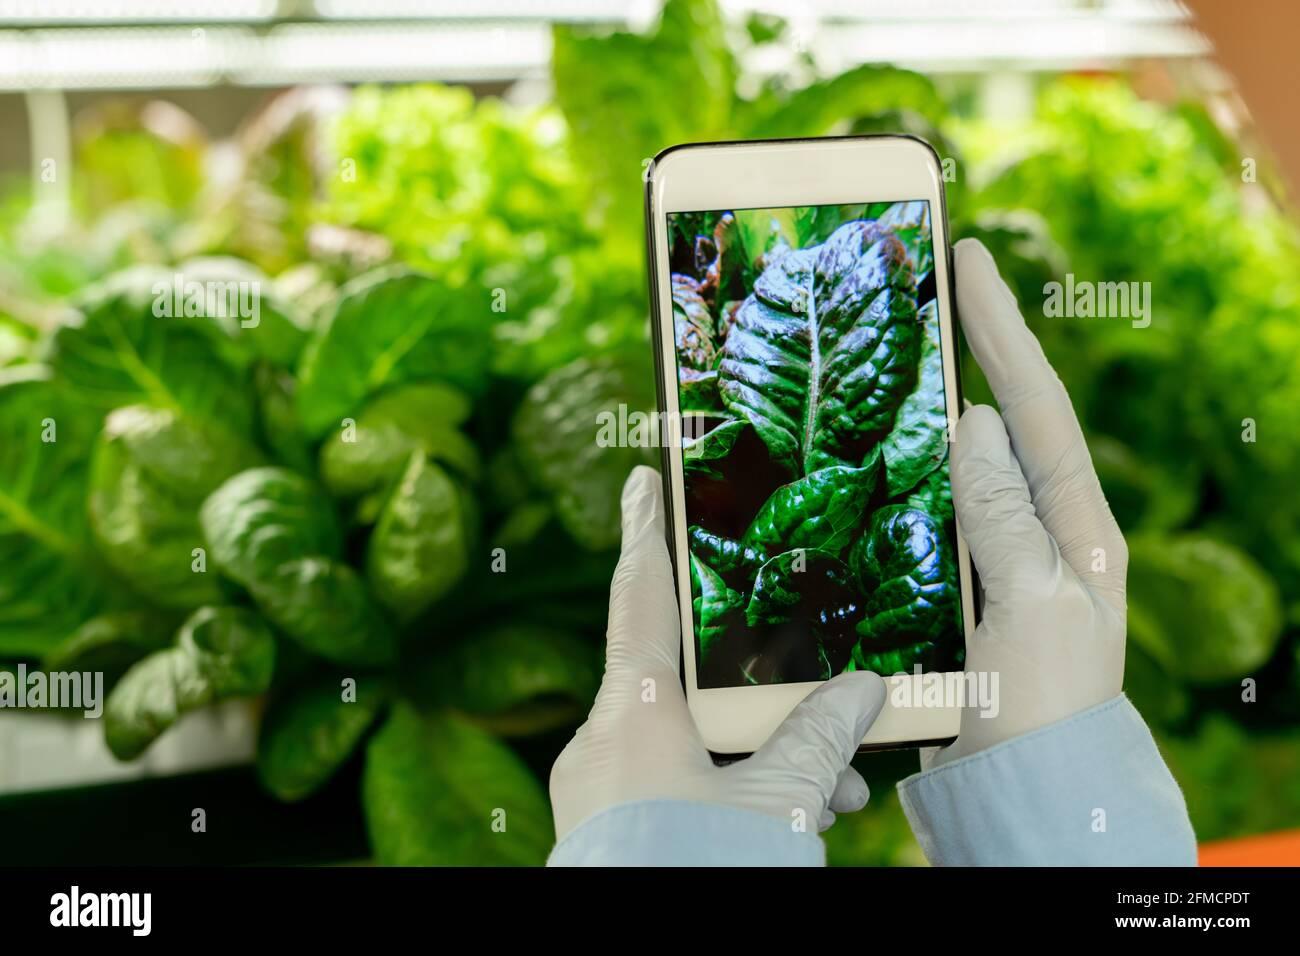 Gros plan d'un ingénieur agricole méconnaissable en gants photographiant des feuilles smartphone pour la recherche en serre Banque D'Images